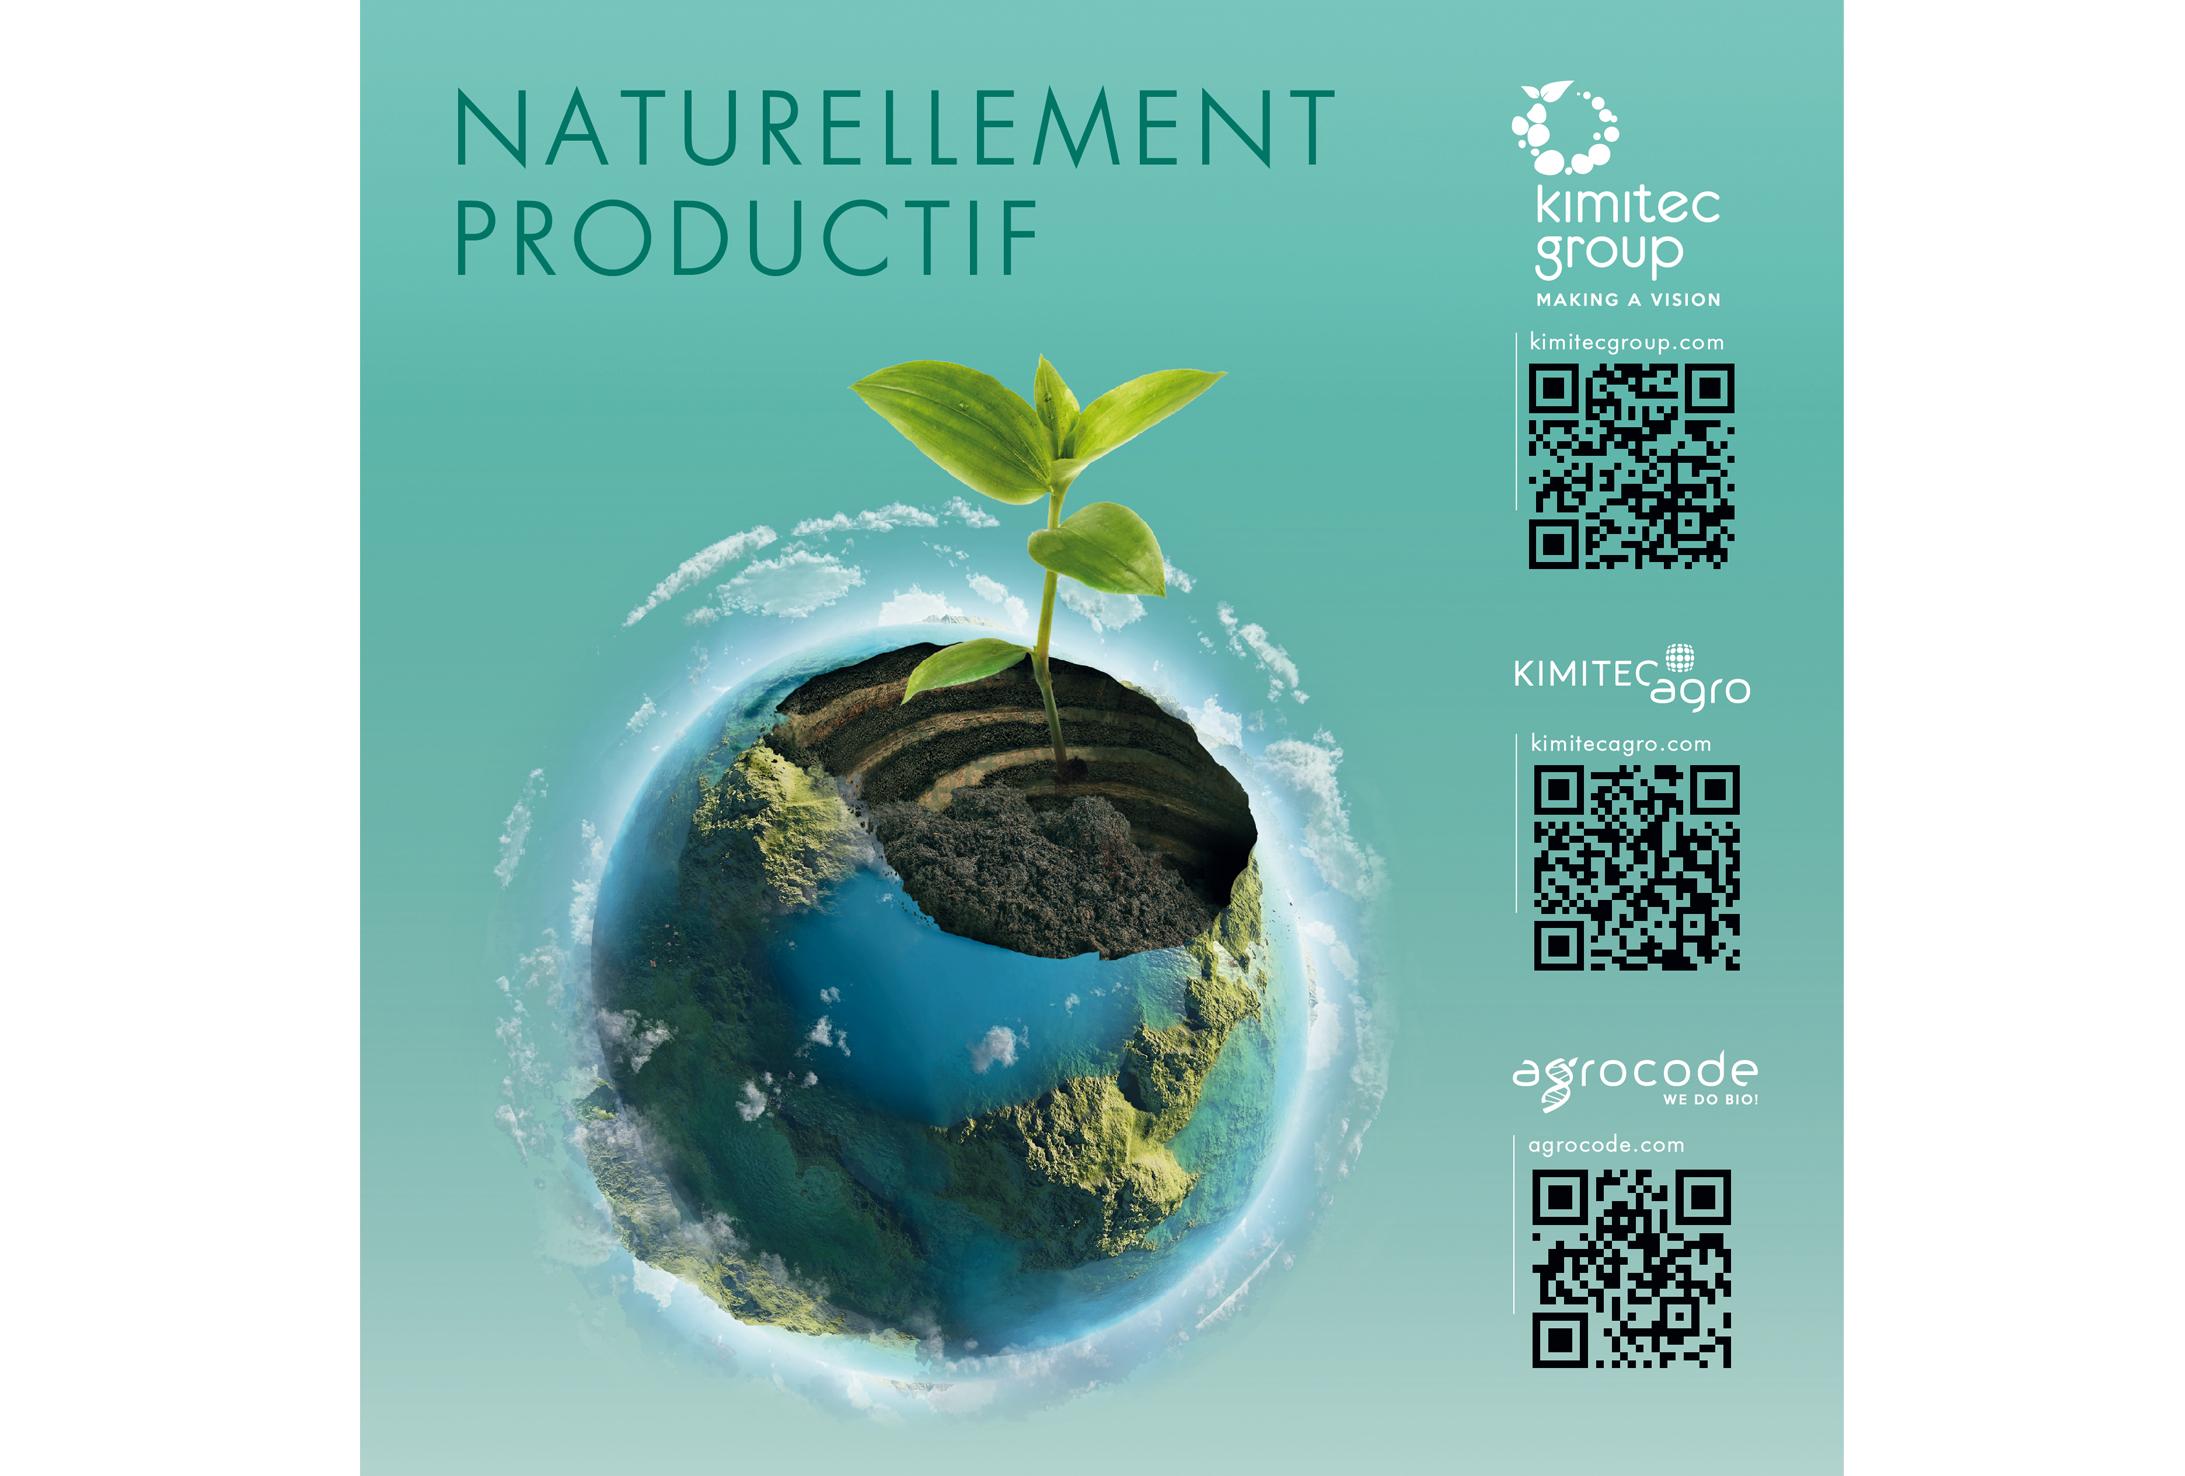 Groupe Kimitec Group : Solutions Naturellement Productives pour les fruits rouges.